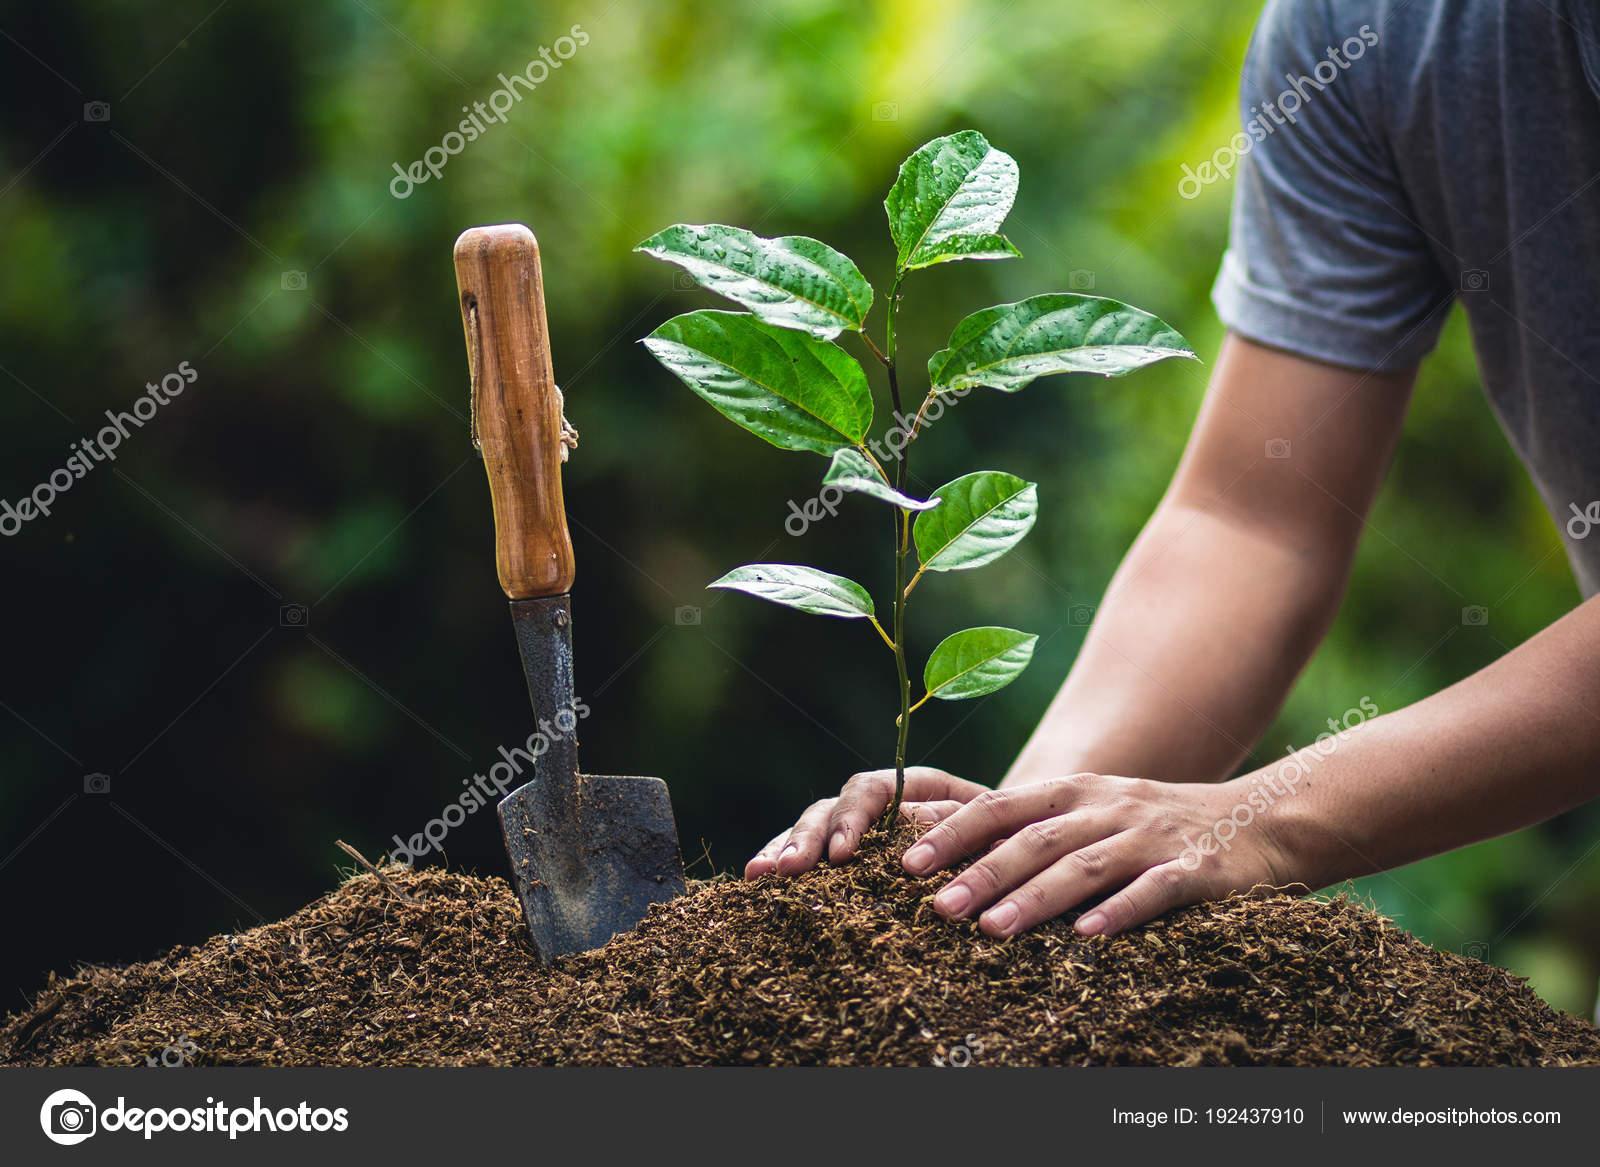 Cultiver Les Fruits Passion Planter Arbre Dans Nature Photographie